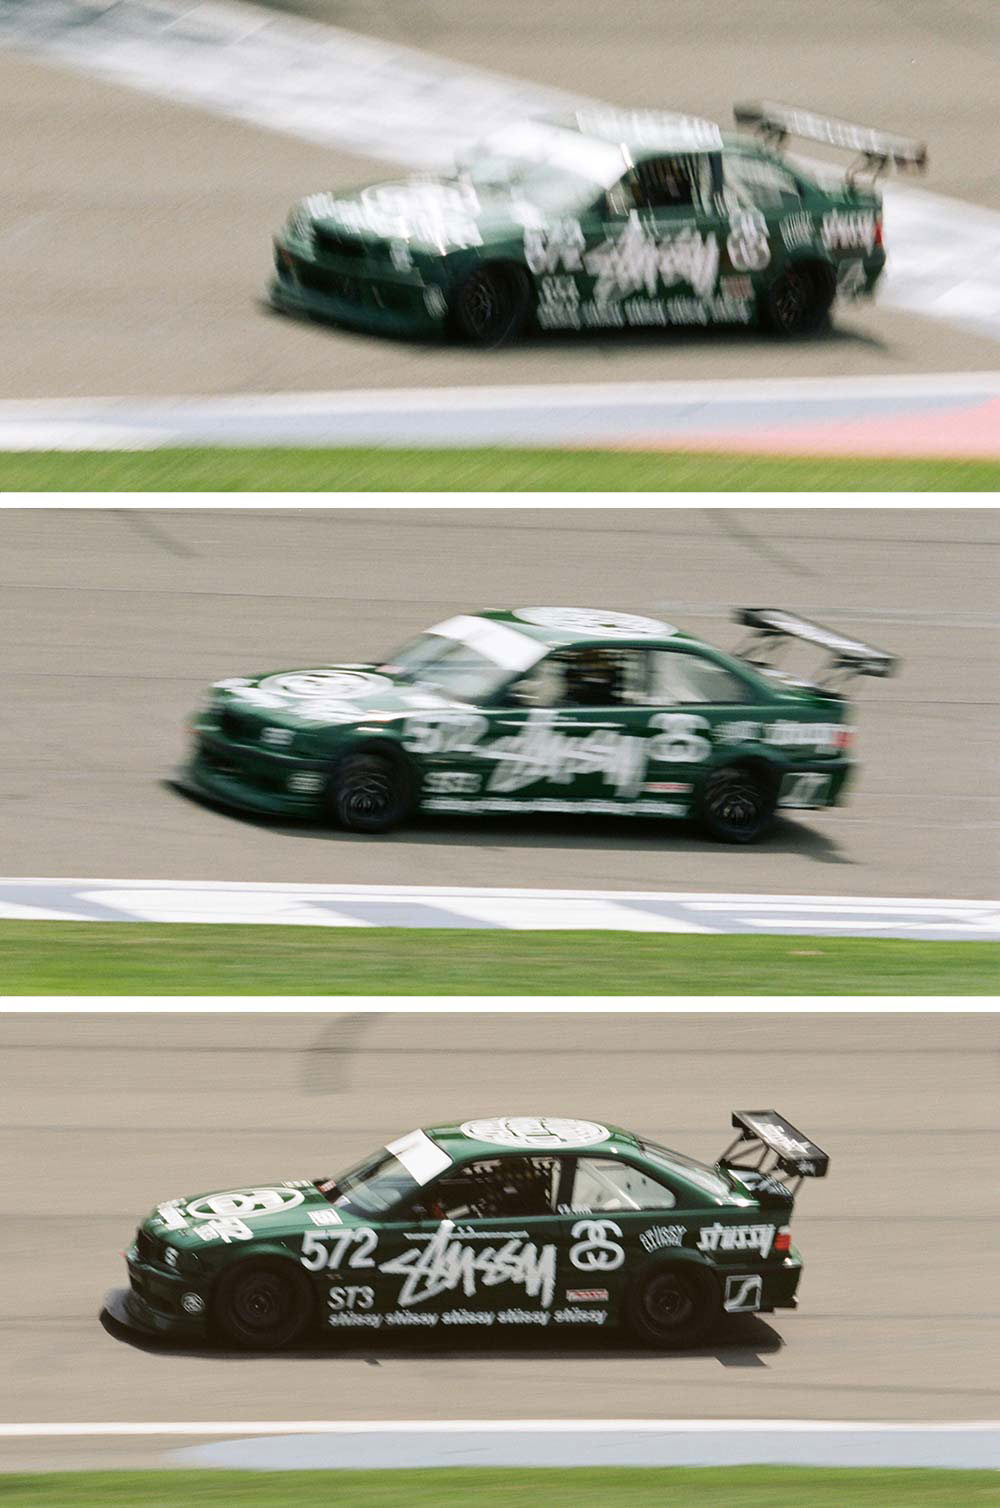 RACECAR-02-fix.jpg